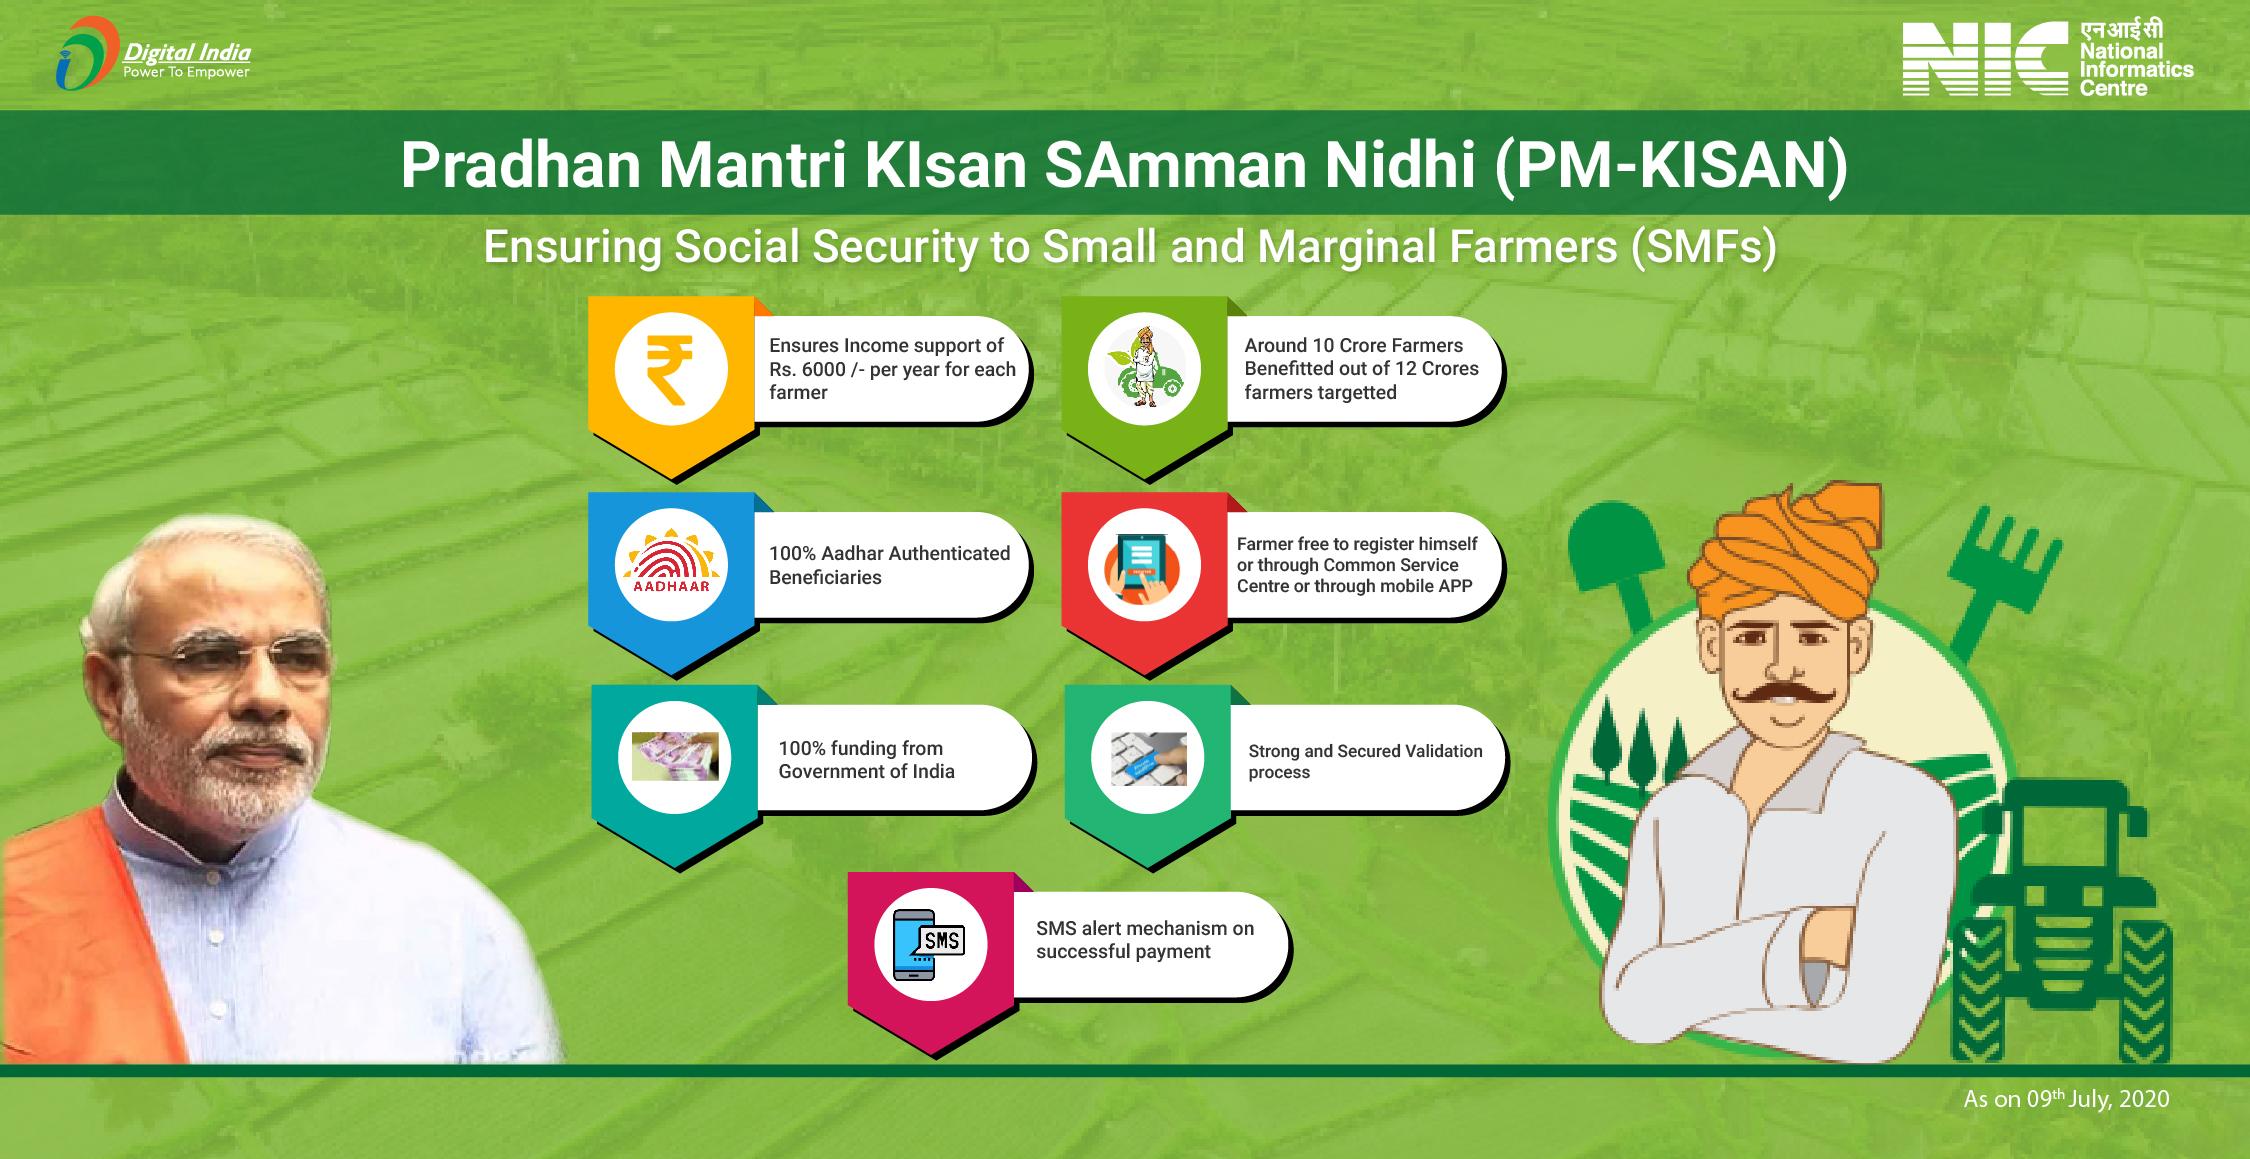 प्रधानमंत्री किसान सम्मान निधि (PM-KISAN)